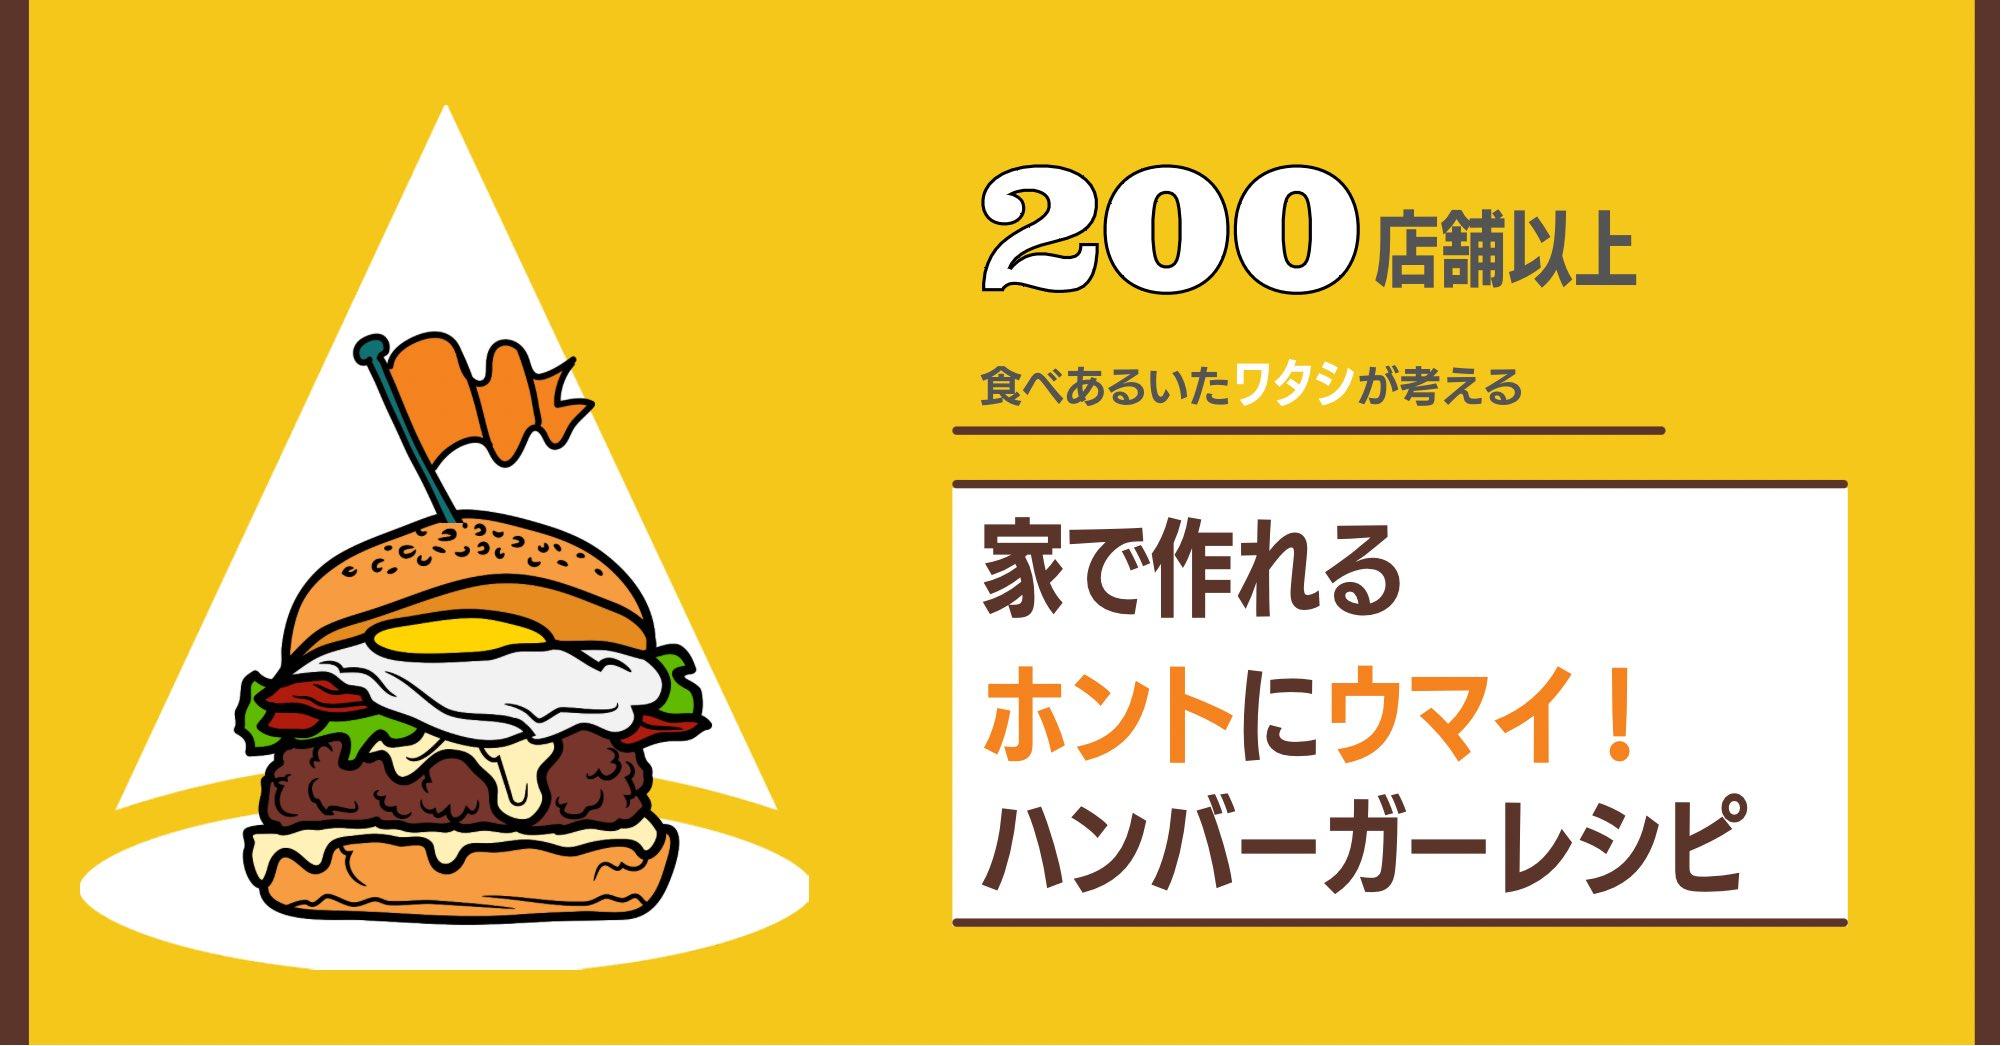 Hamburgerーlab. ,ハンバーガーラボ,ハンバーガー,自作バーガー,レシピ,ディナー,おすすめ,おいしい